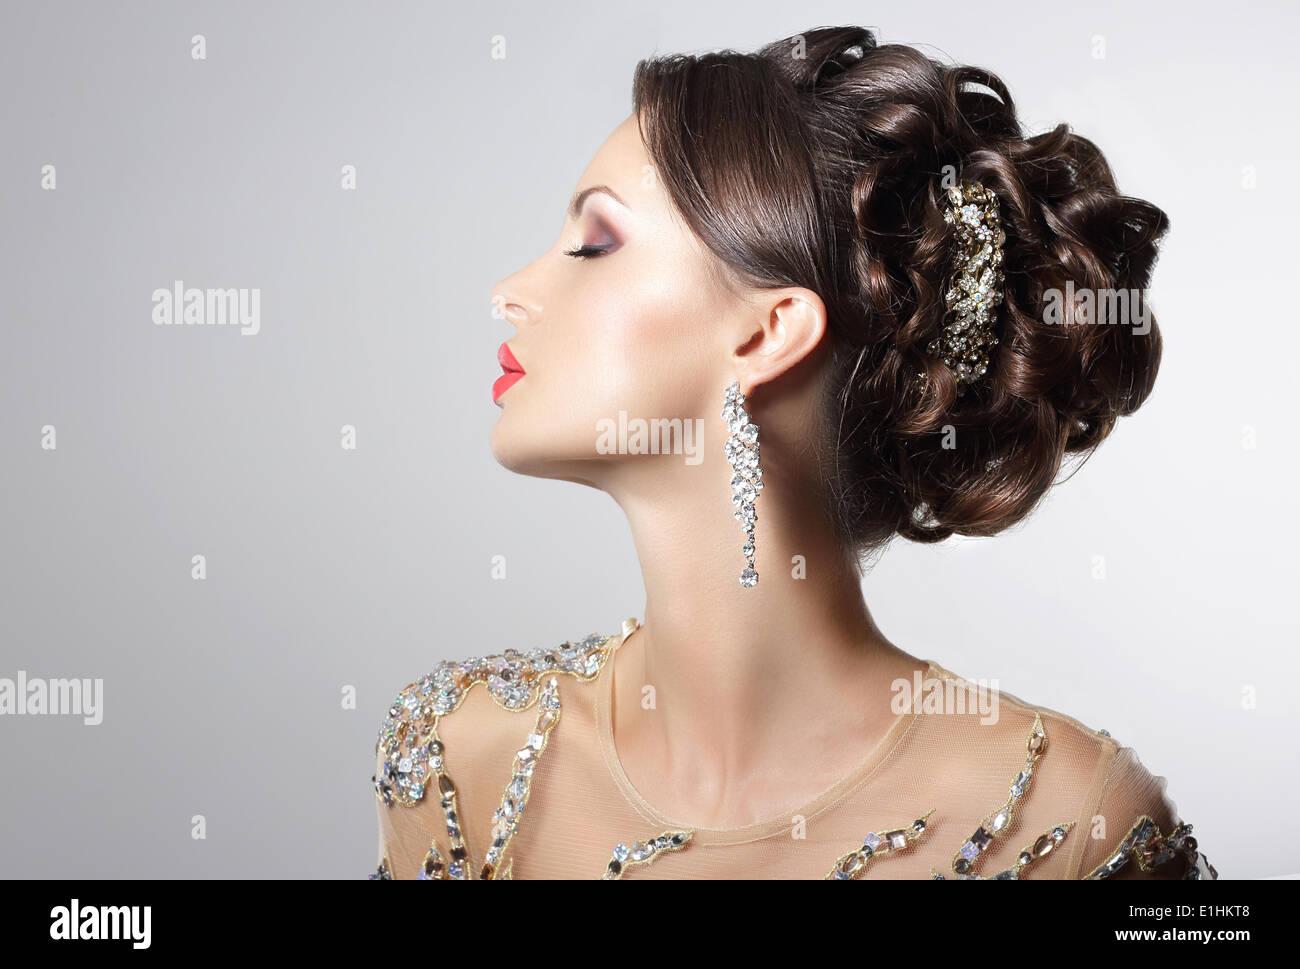 Moda Brunette con articoli di bigiotteria - alla moda di strass e Strass Immagini Stock